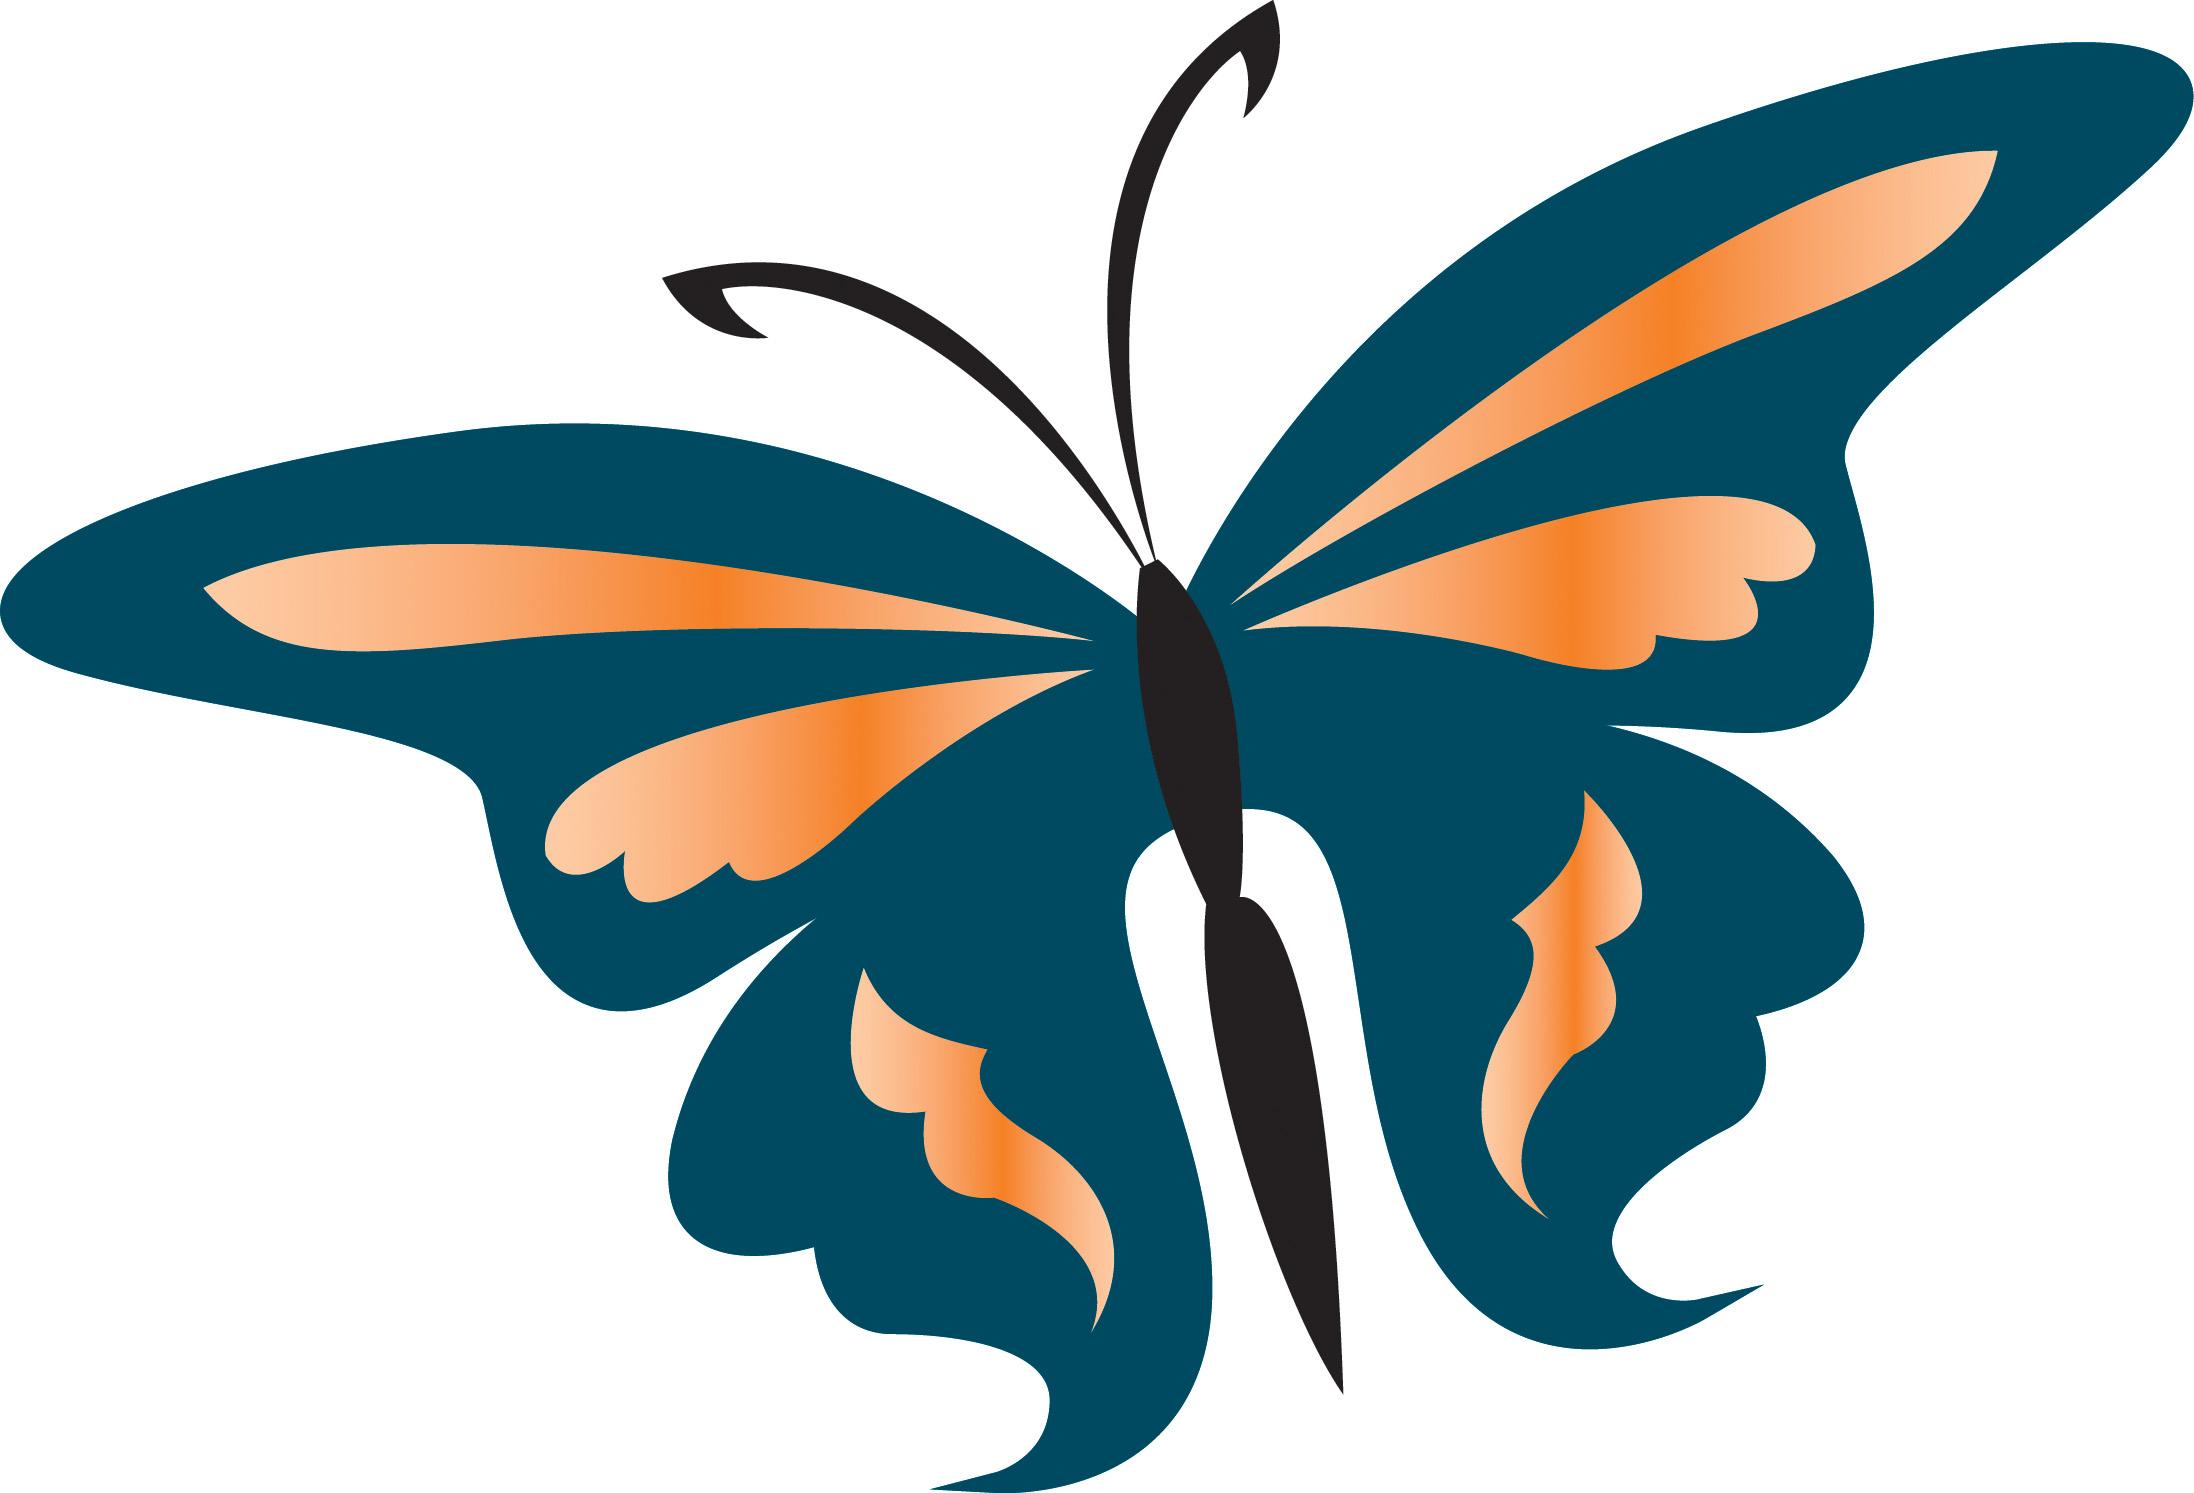 Dessin papillon simple imprimer - Papillon facile a dessiner ...